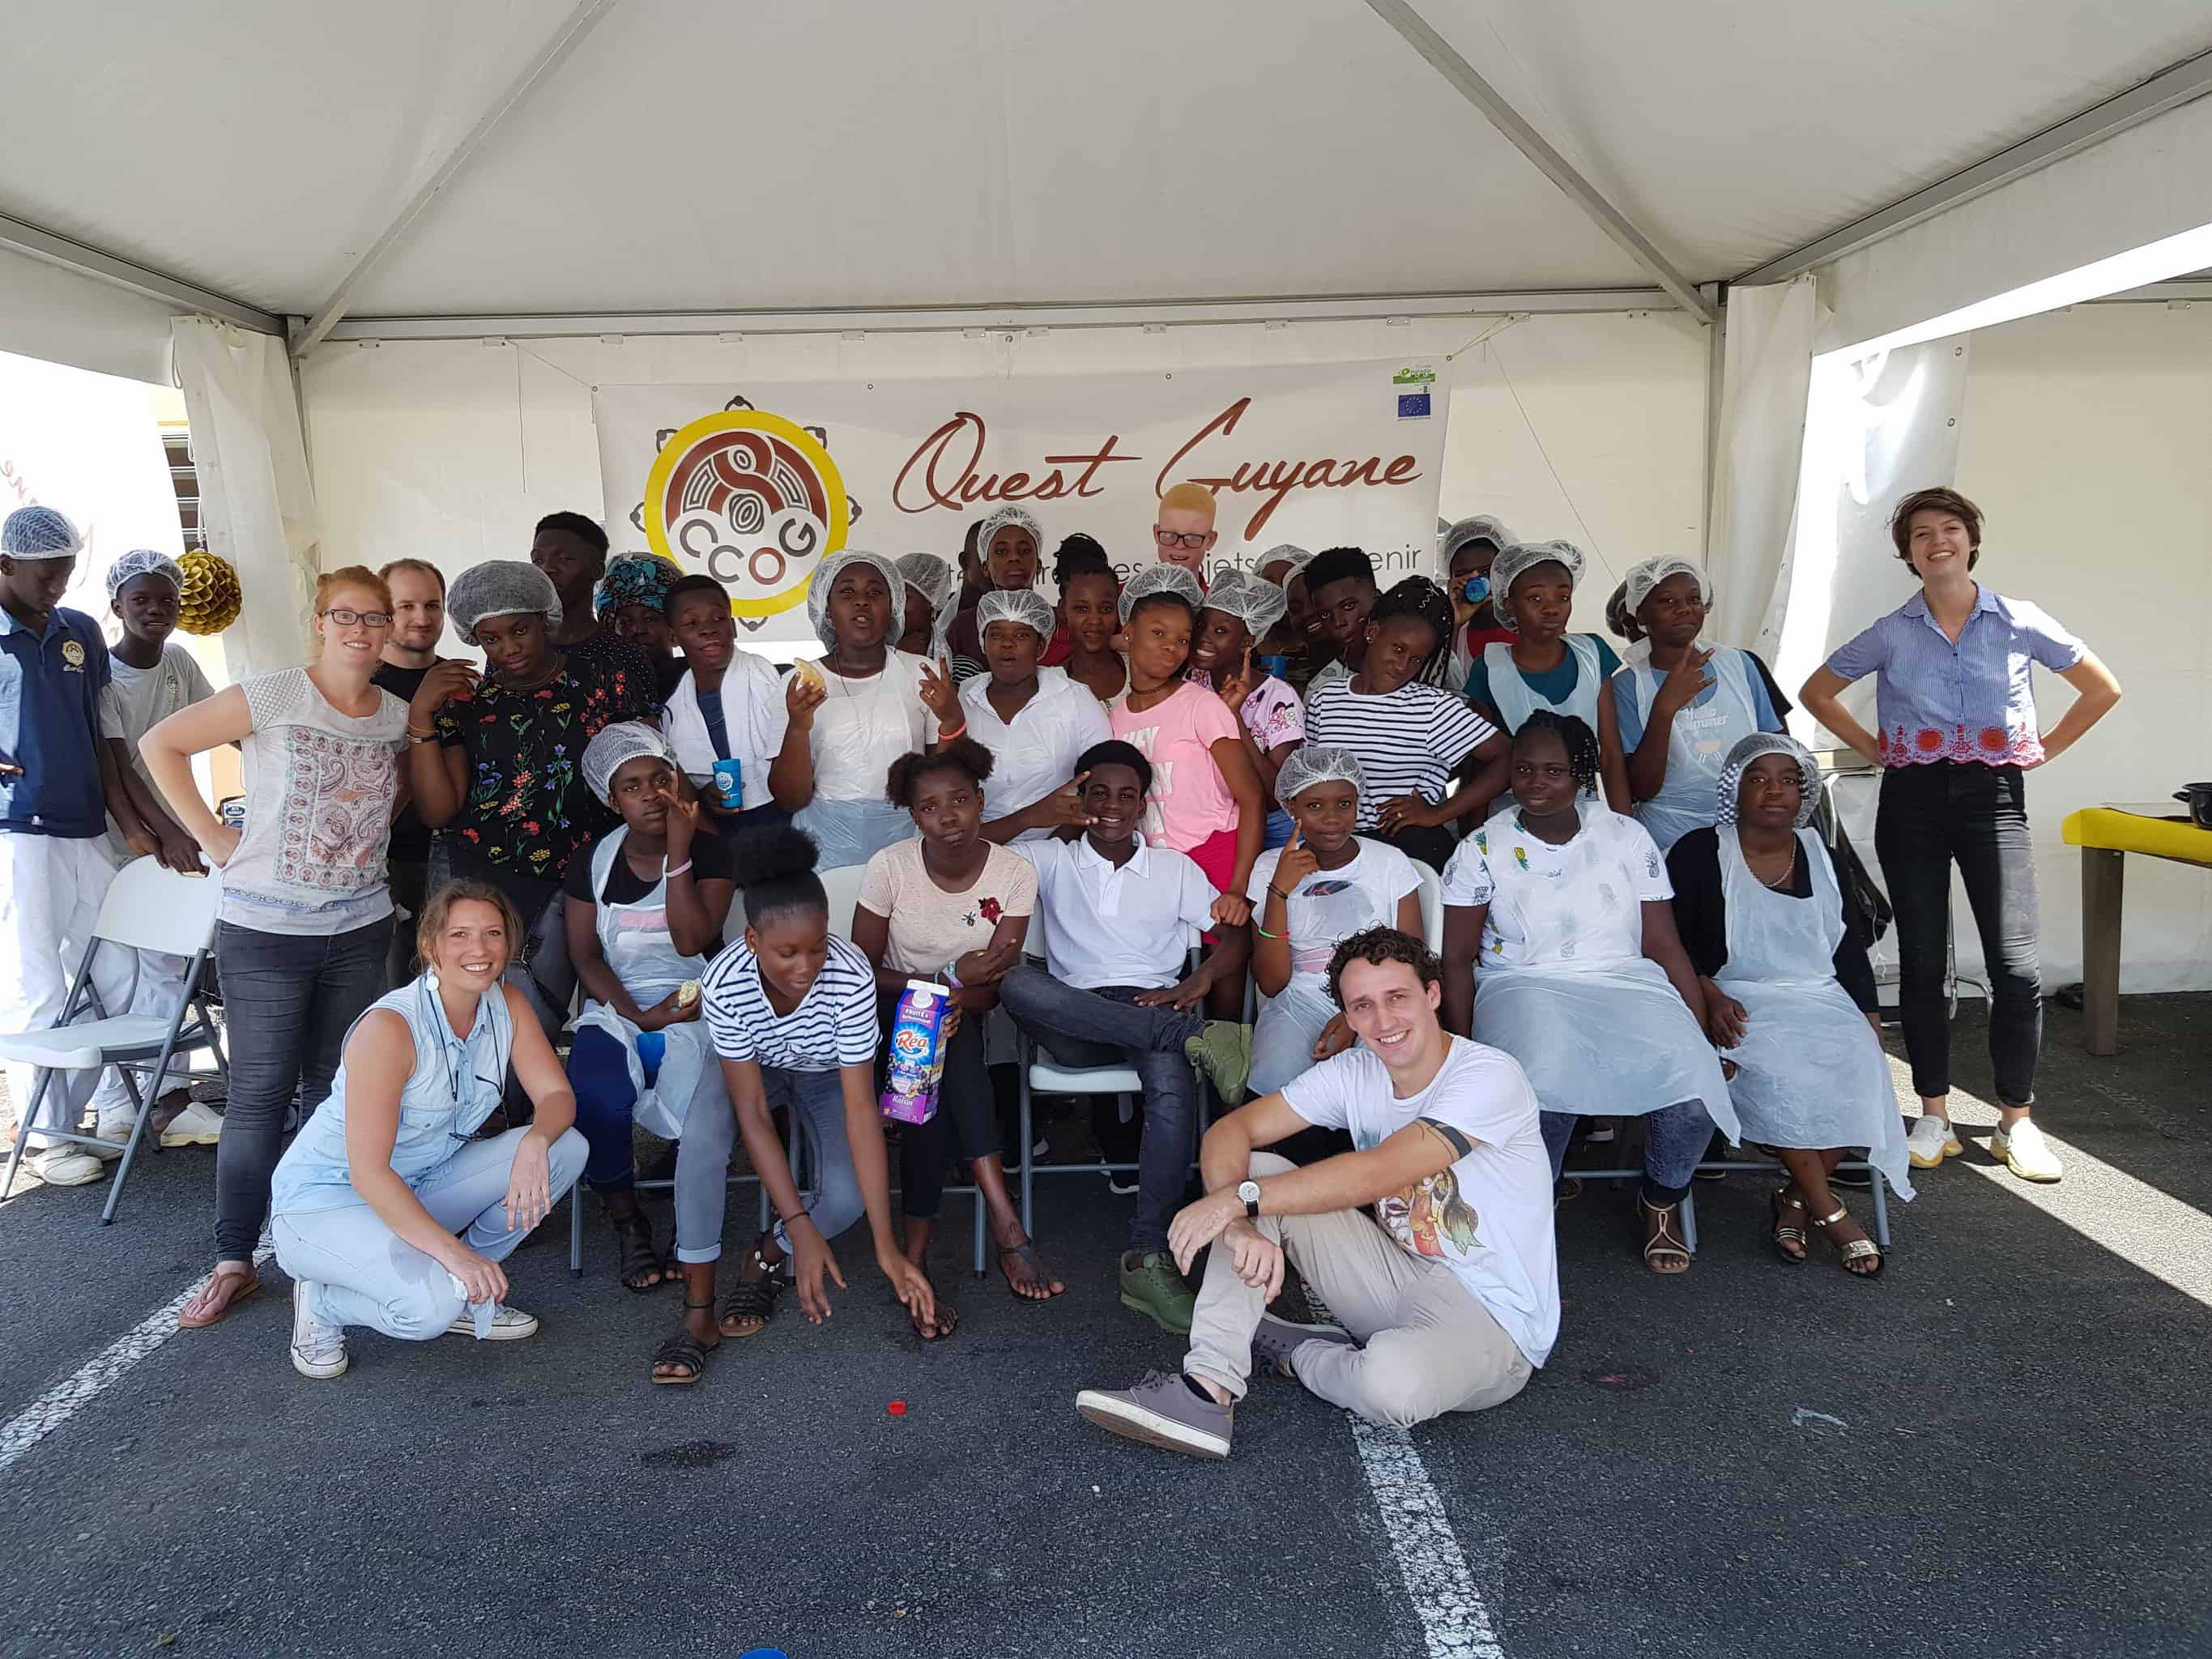 Grand succès de la Semaine du Goût au Pôle Agroalimentaire de l'Ouest Guyanais